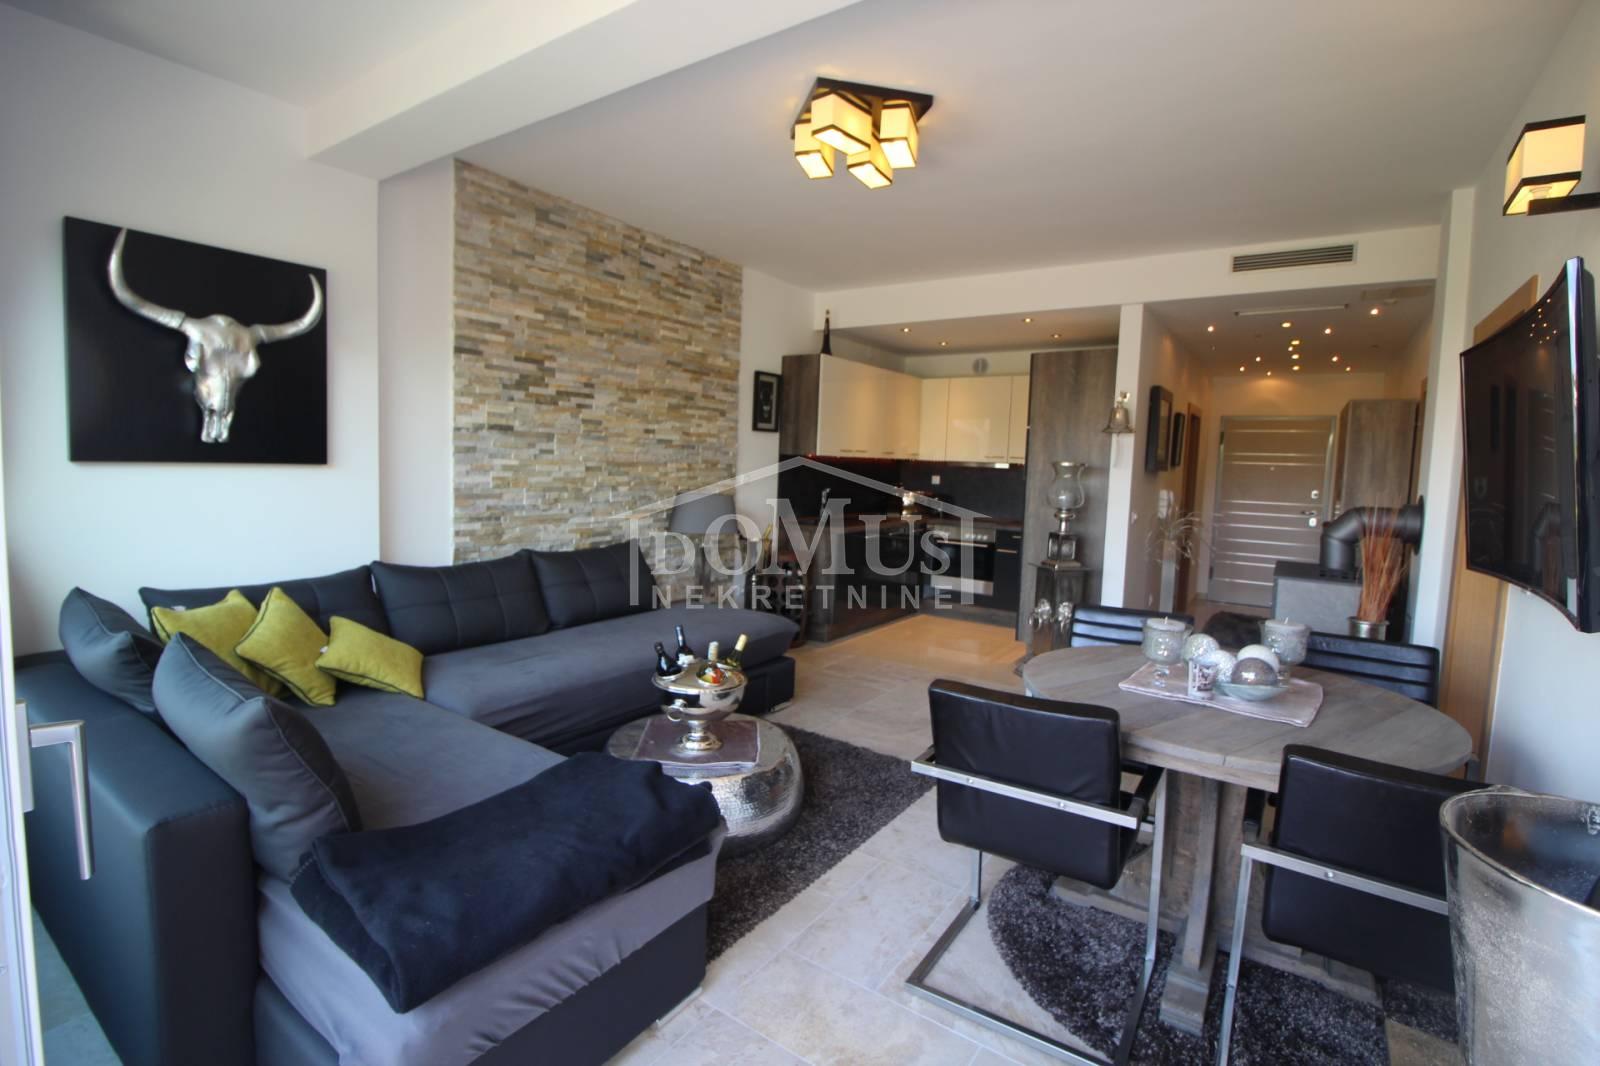 Luxuriös eingerichtete Zwei-Zimmer-Wohnung in Vodice, Apartment ...